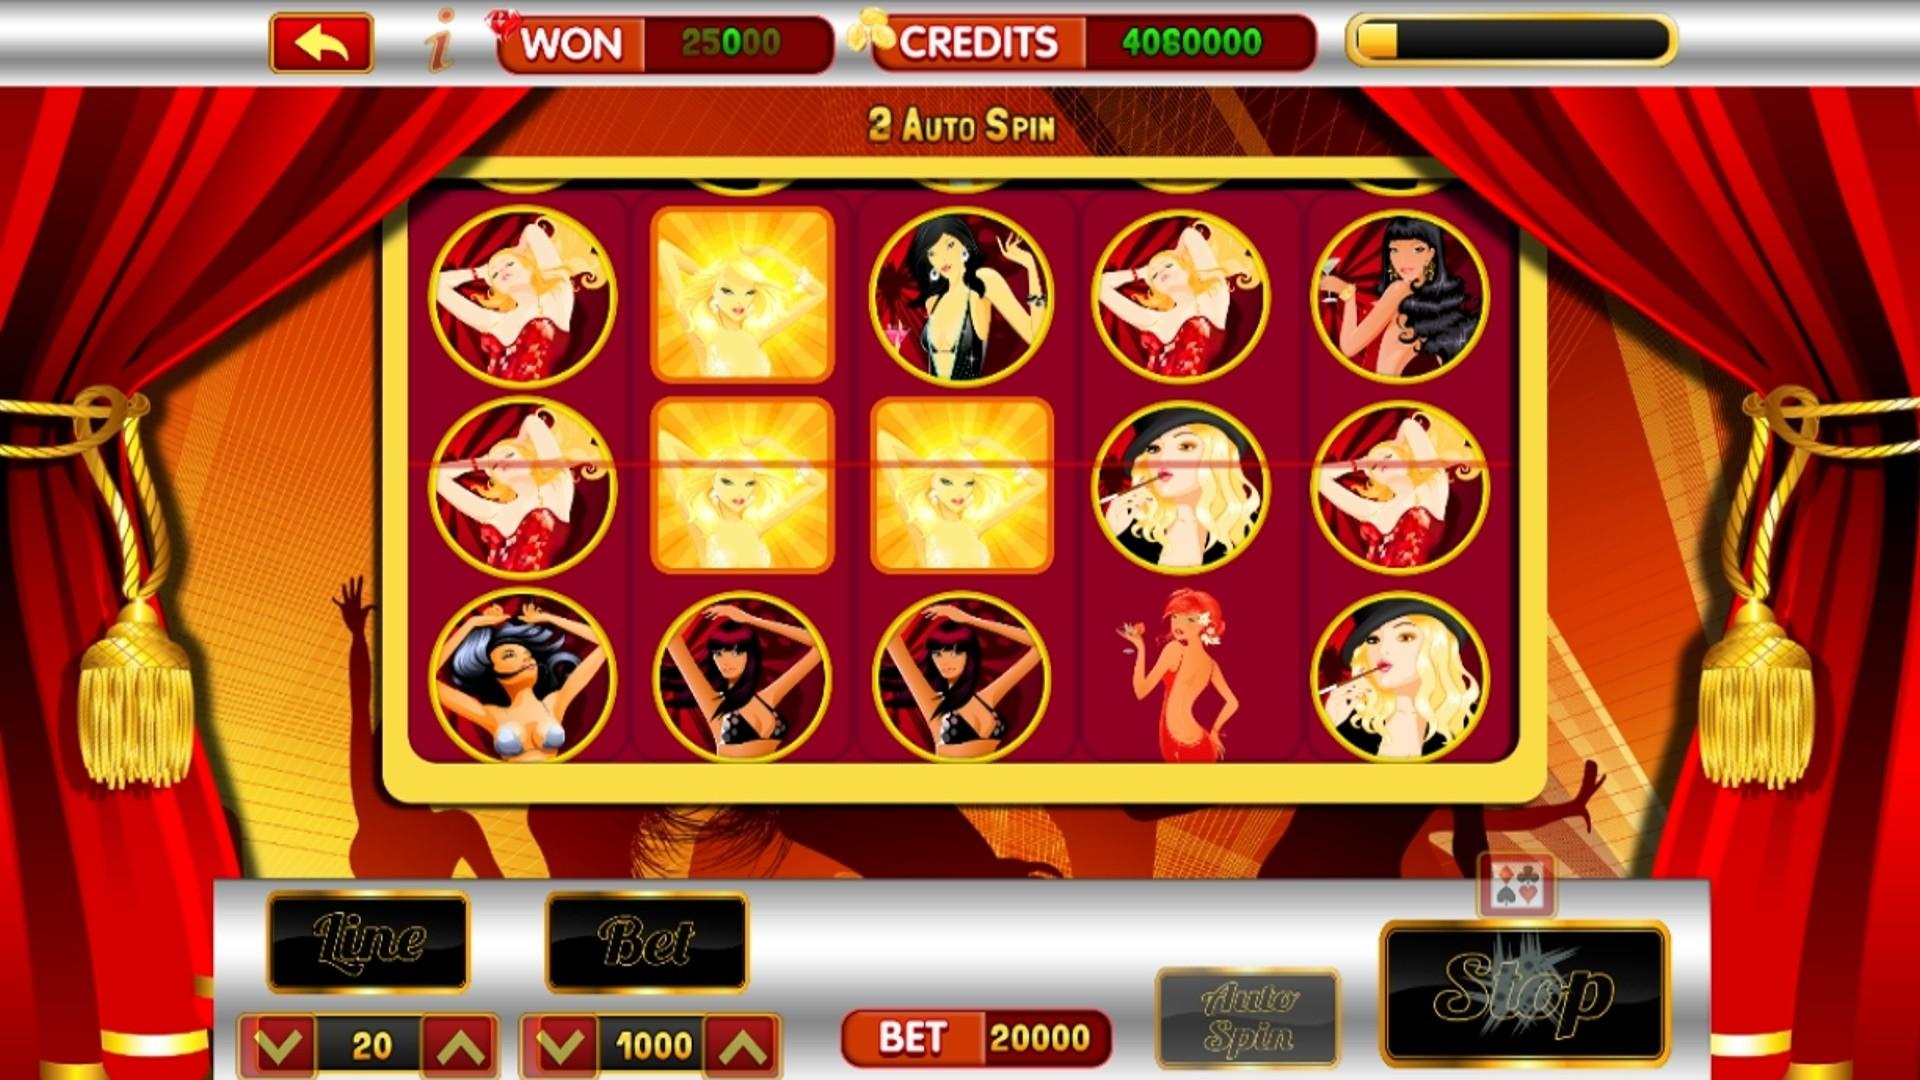 Riches Slots Sexy Jackpot Las Vegas - Casino gratuit Slot